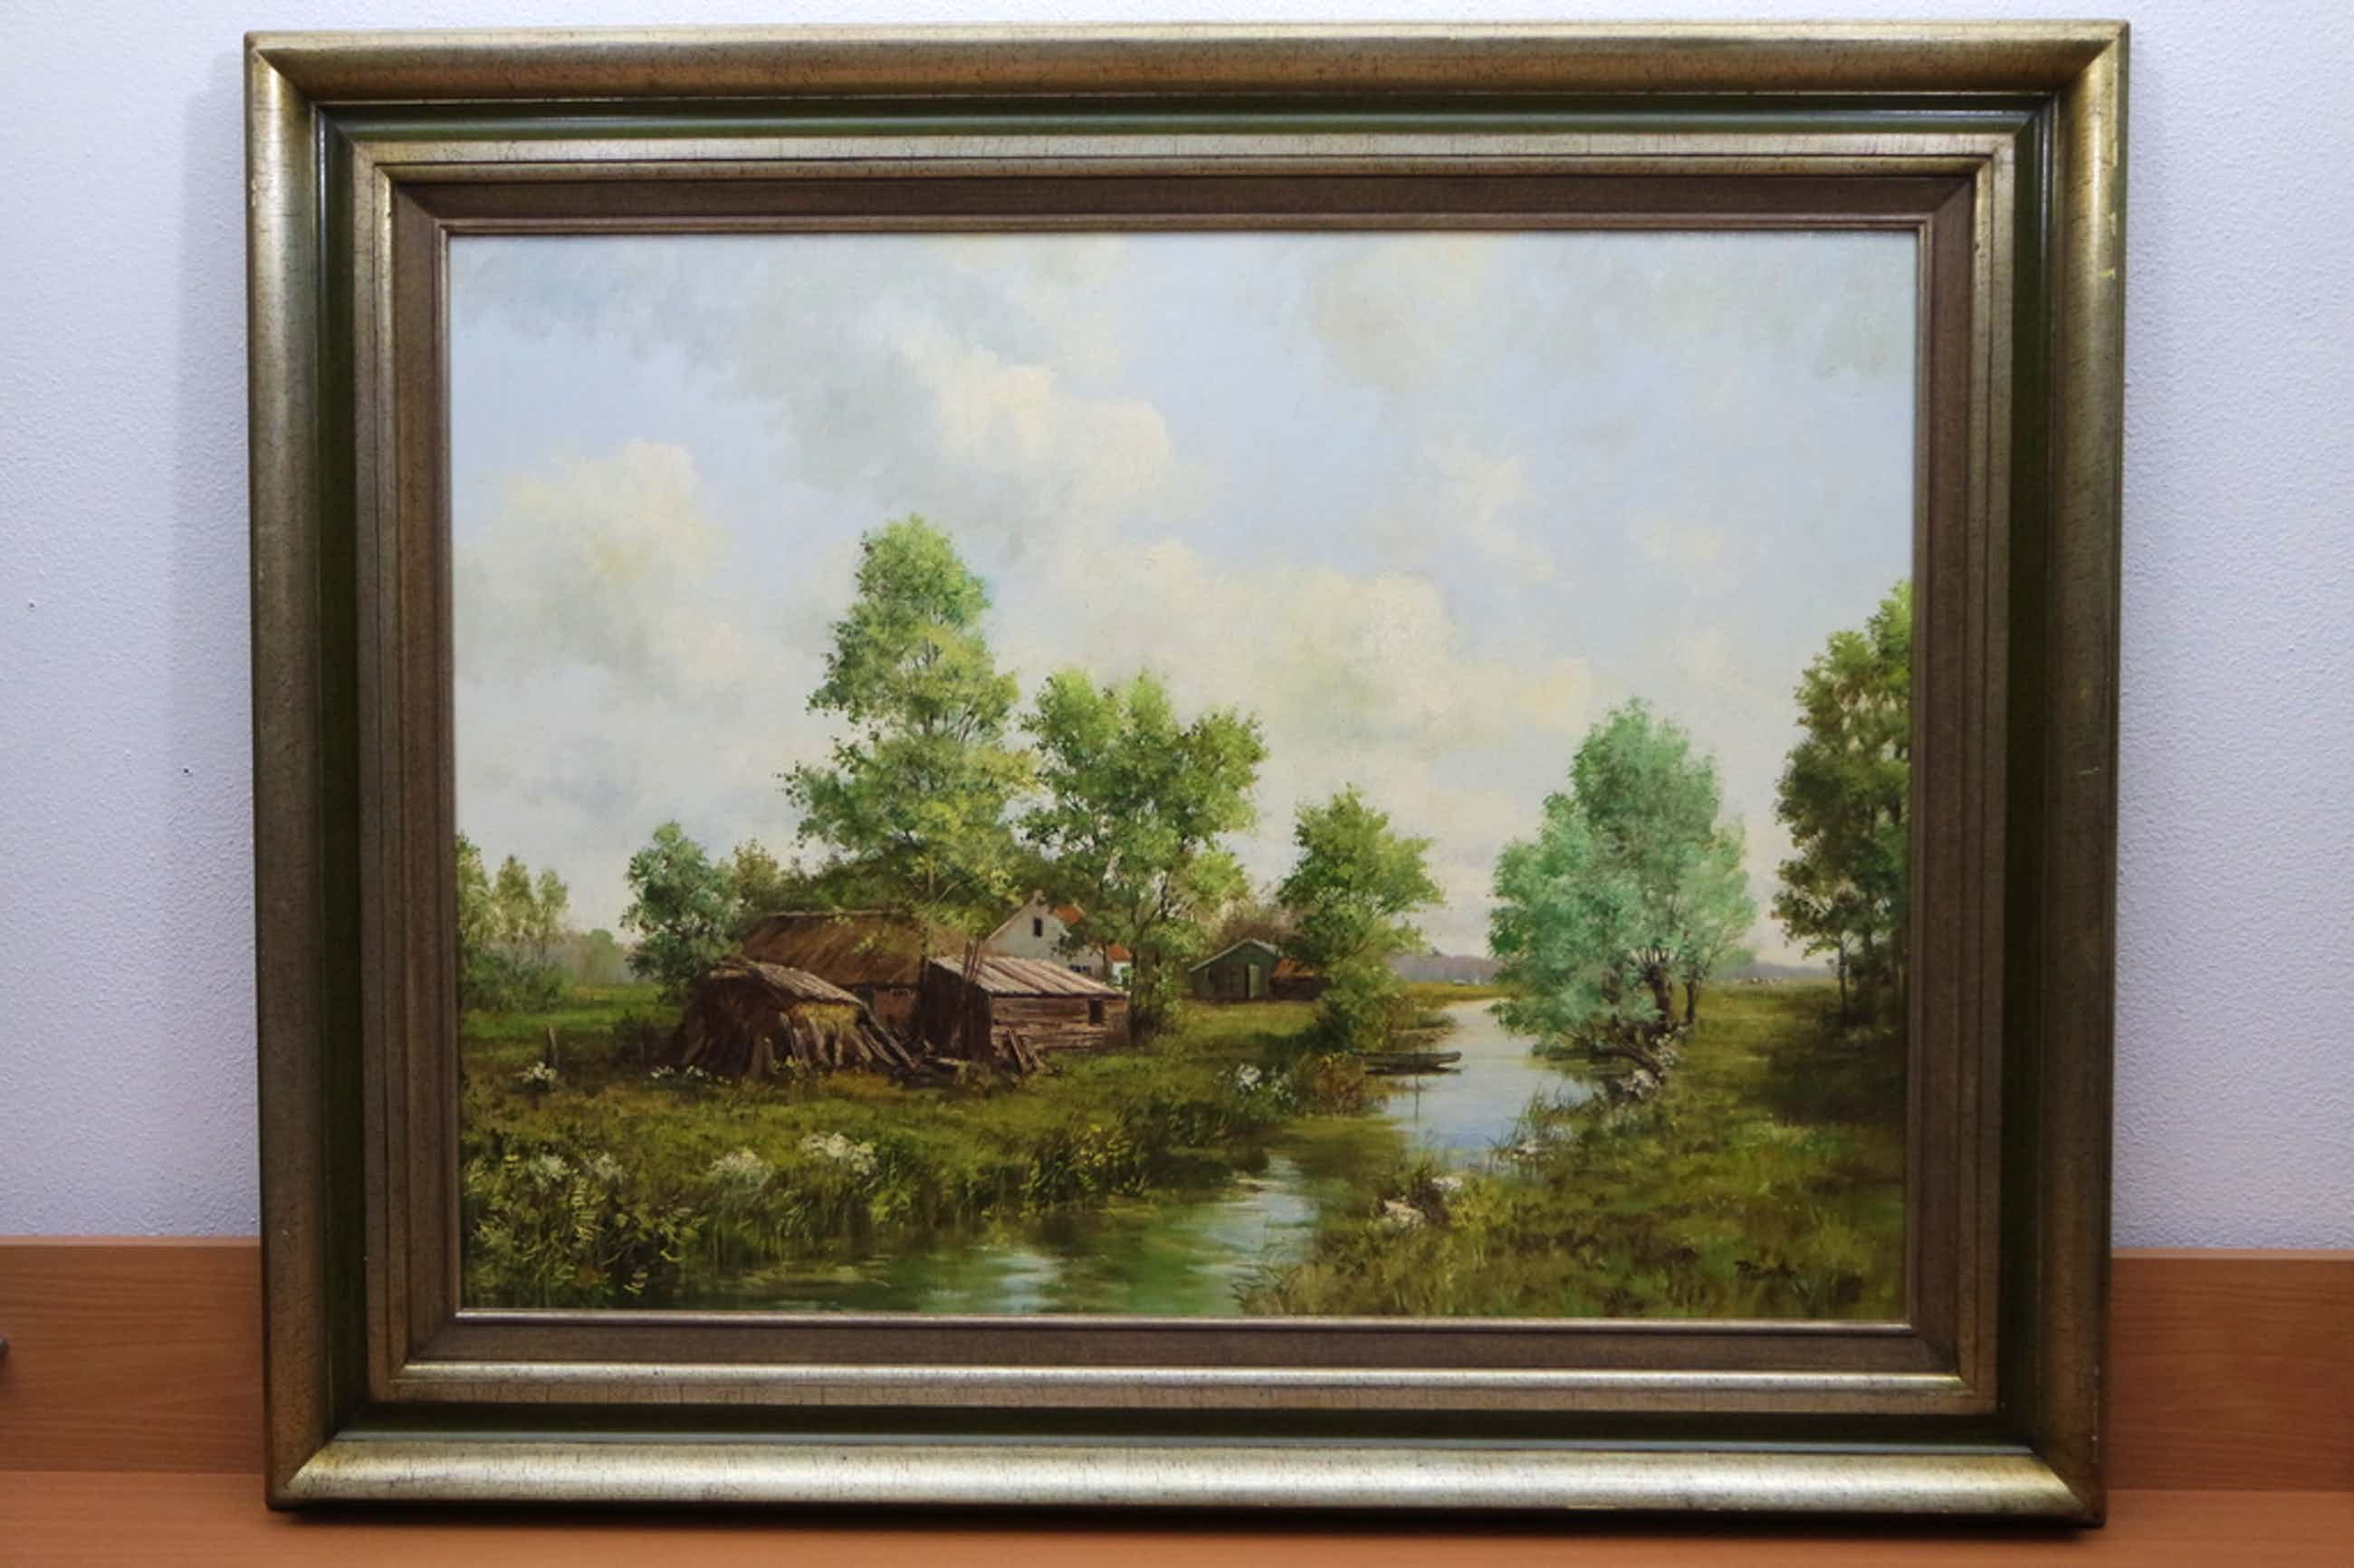 Peter Motz (1934-2003) - olieverf op doek - landschap kopen? Bied vanaf 325!